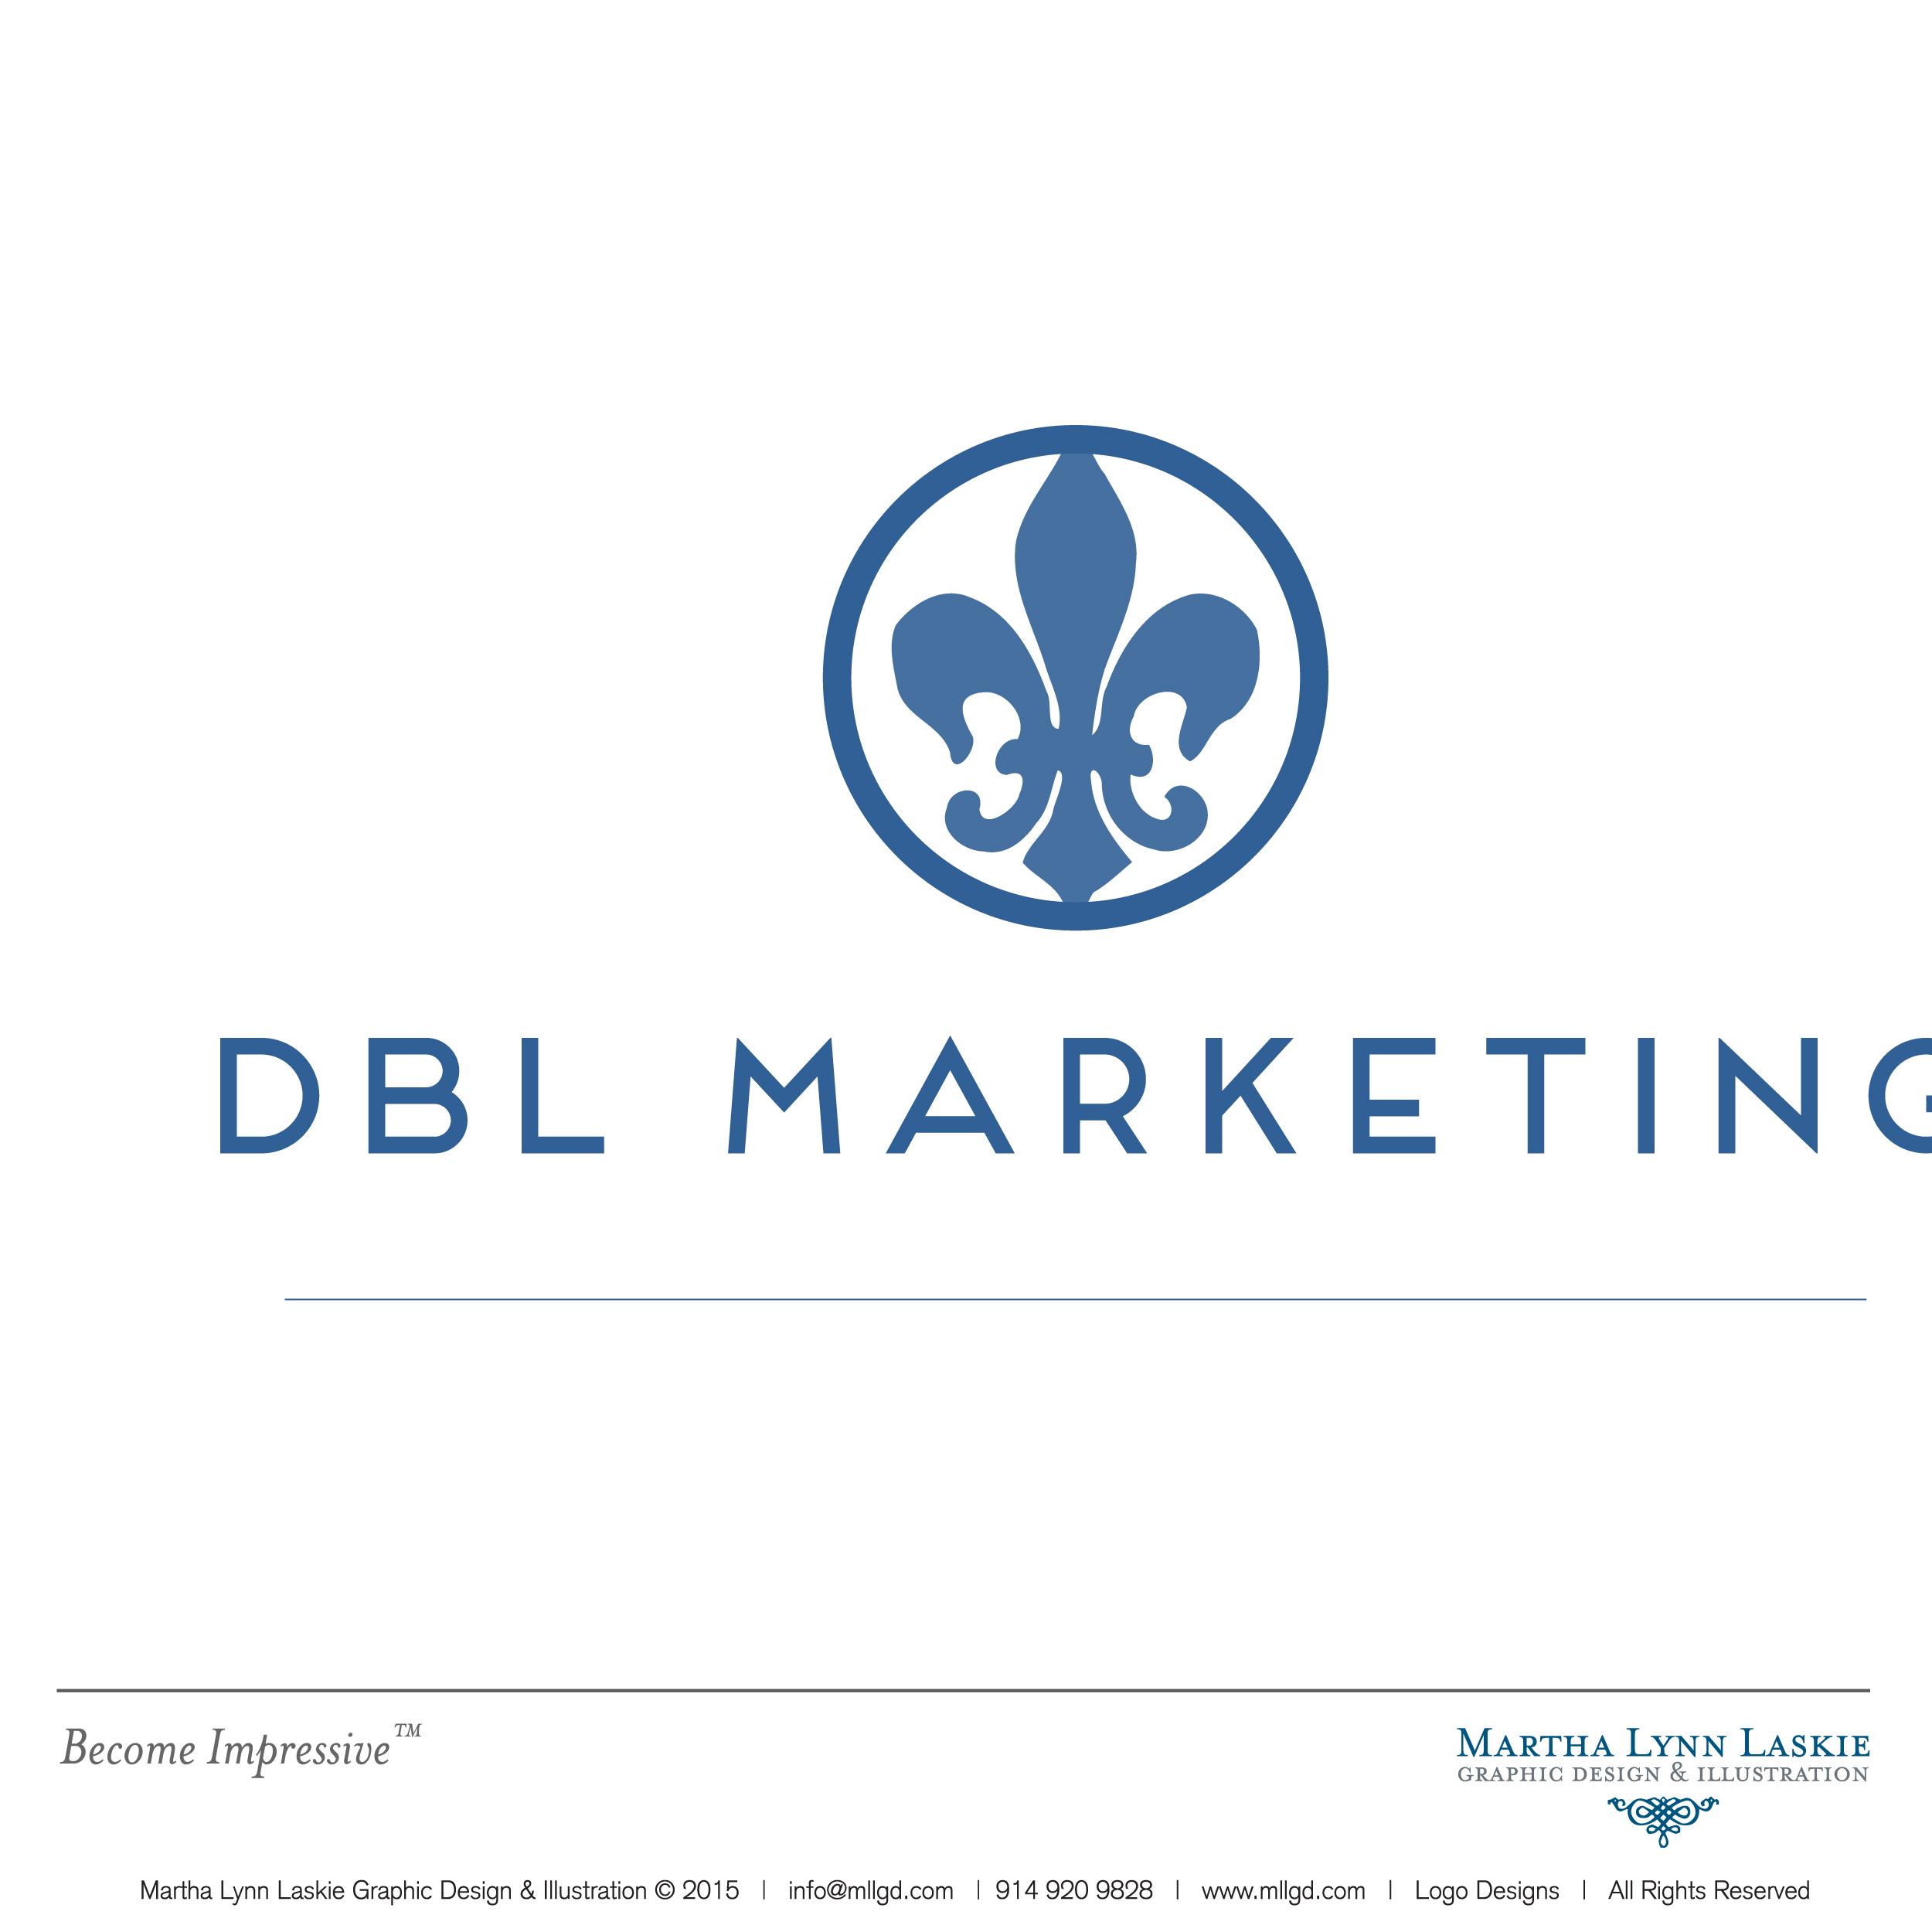 2015_MLLGD_LogoDesign-39.jpg